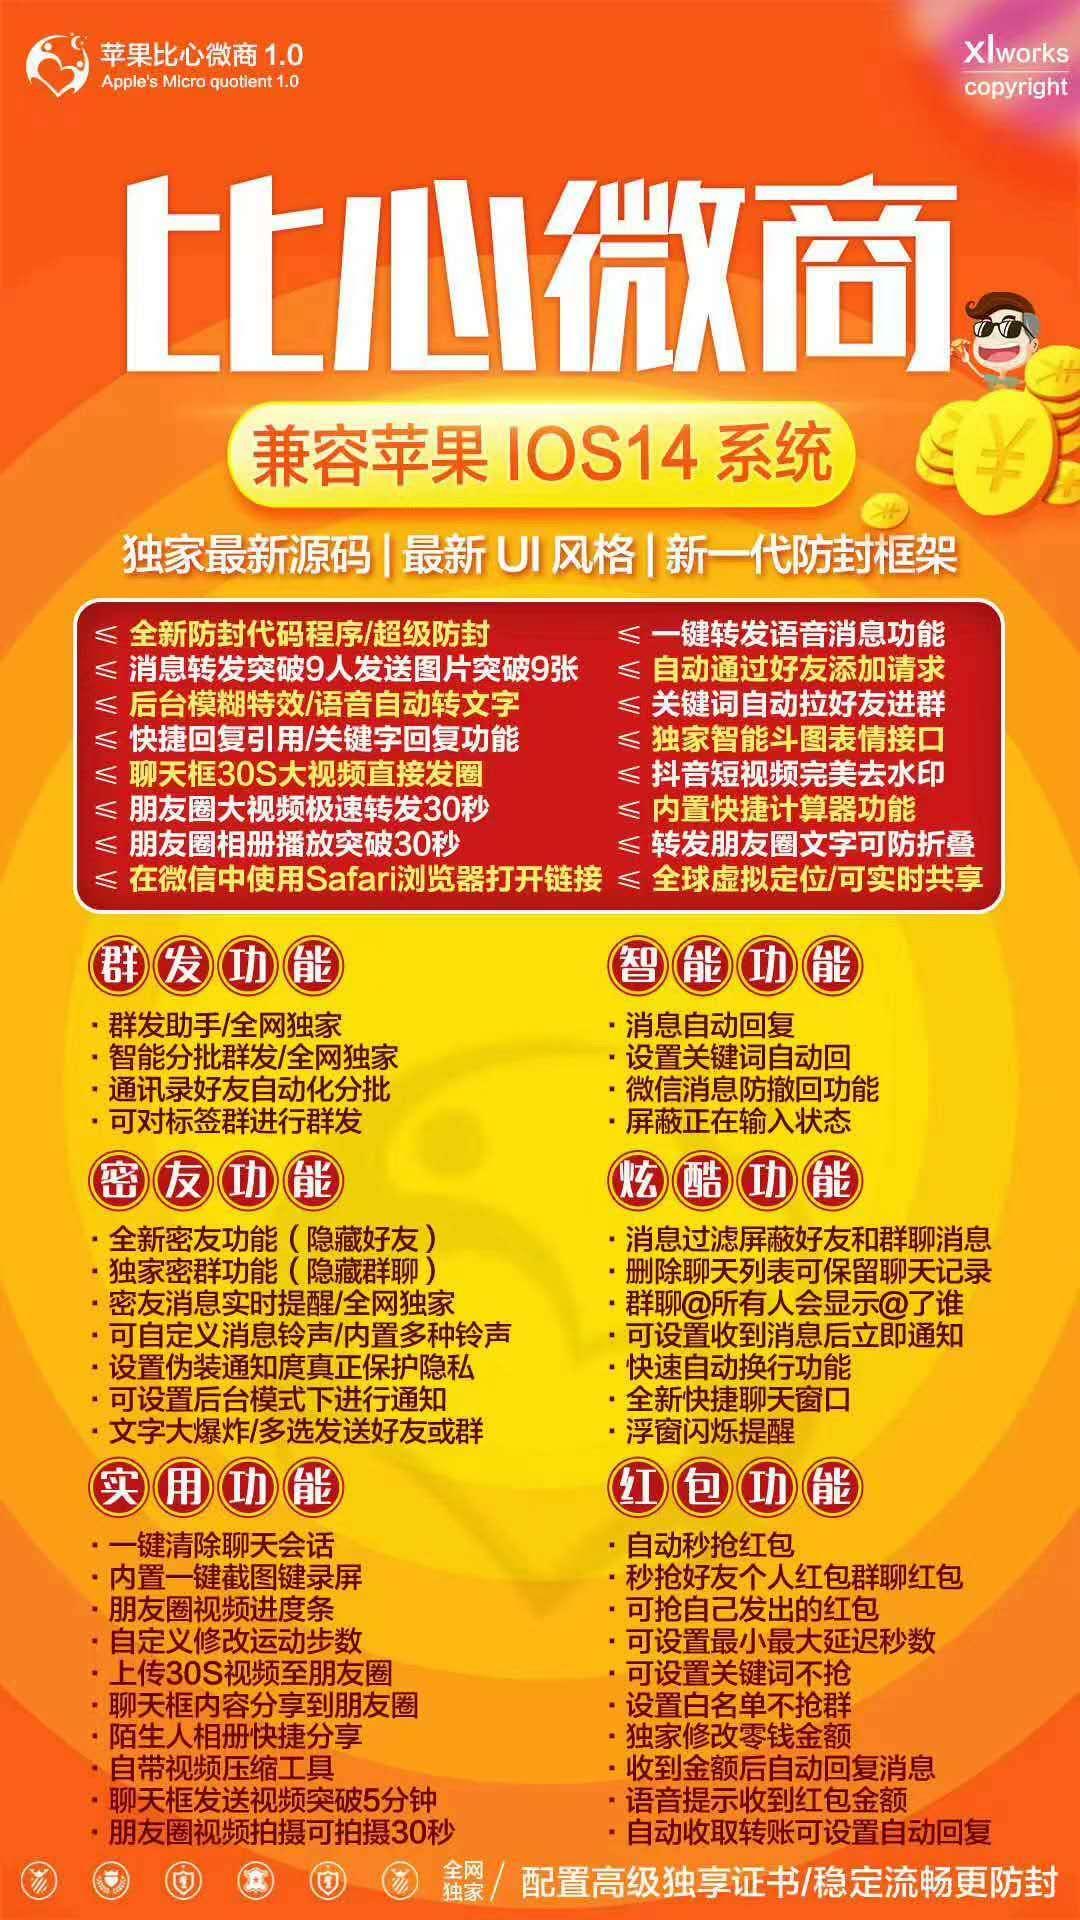 苹果比心微商1.0/2.0微信分身多开发送图片突破9张屏蔽正在输入状态语音提示红包金额